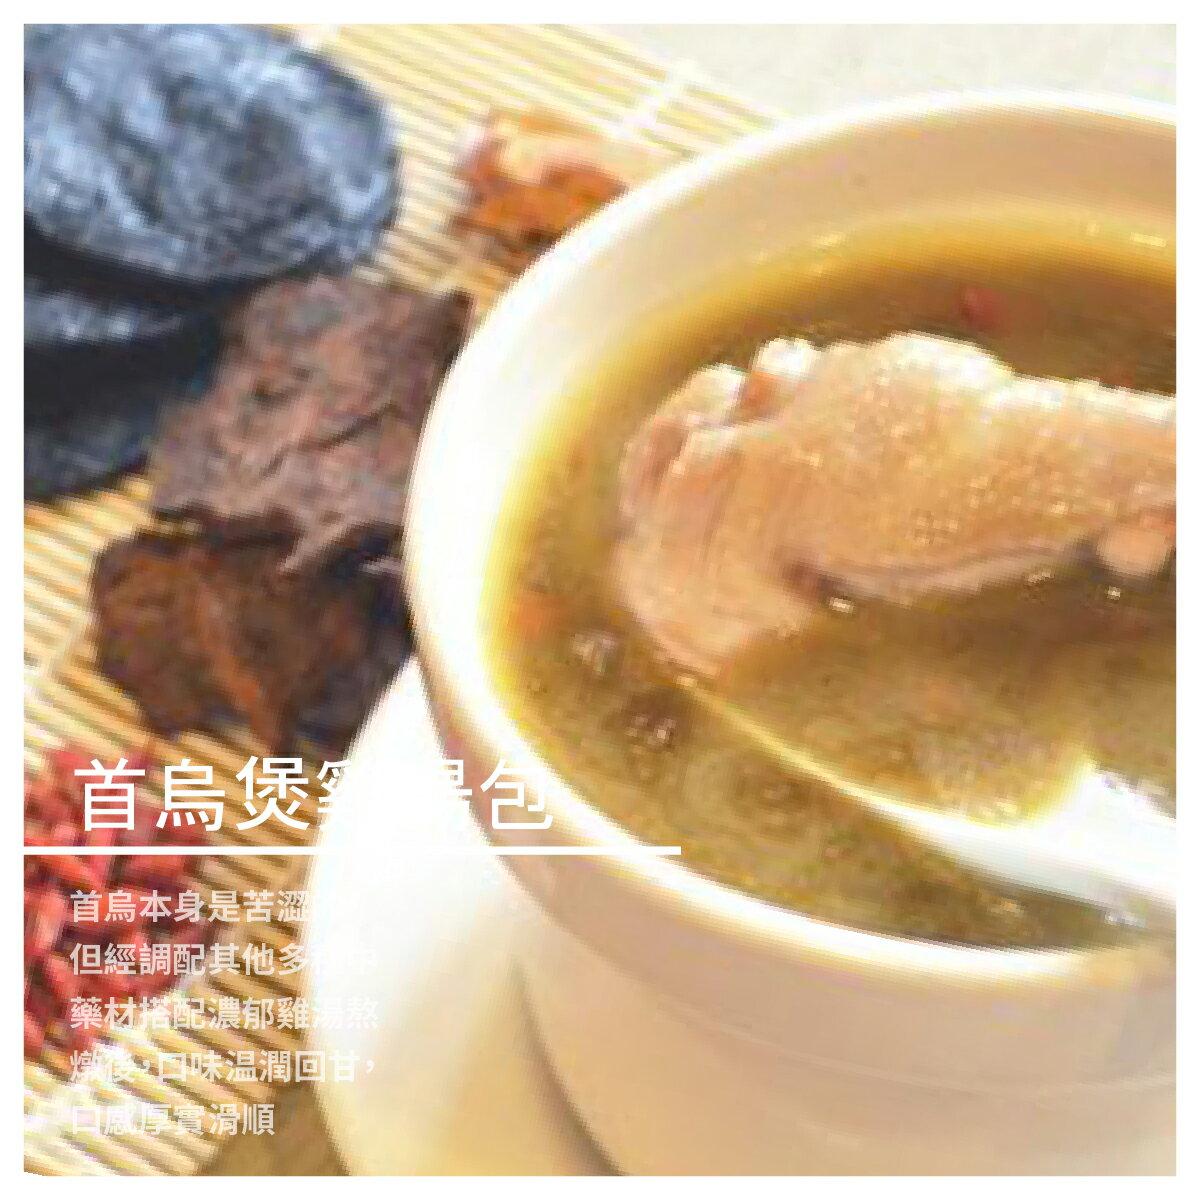 【御膳煲養生雞湯】首烏煲雞湯包